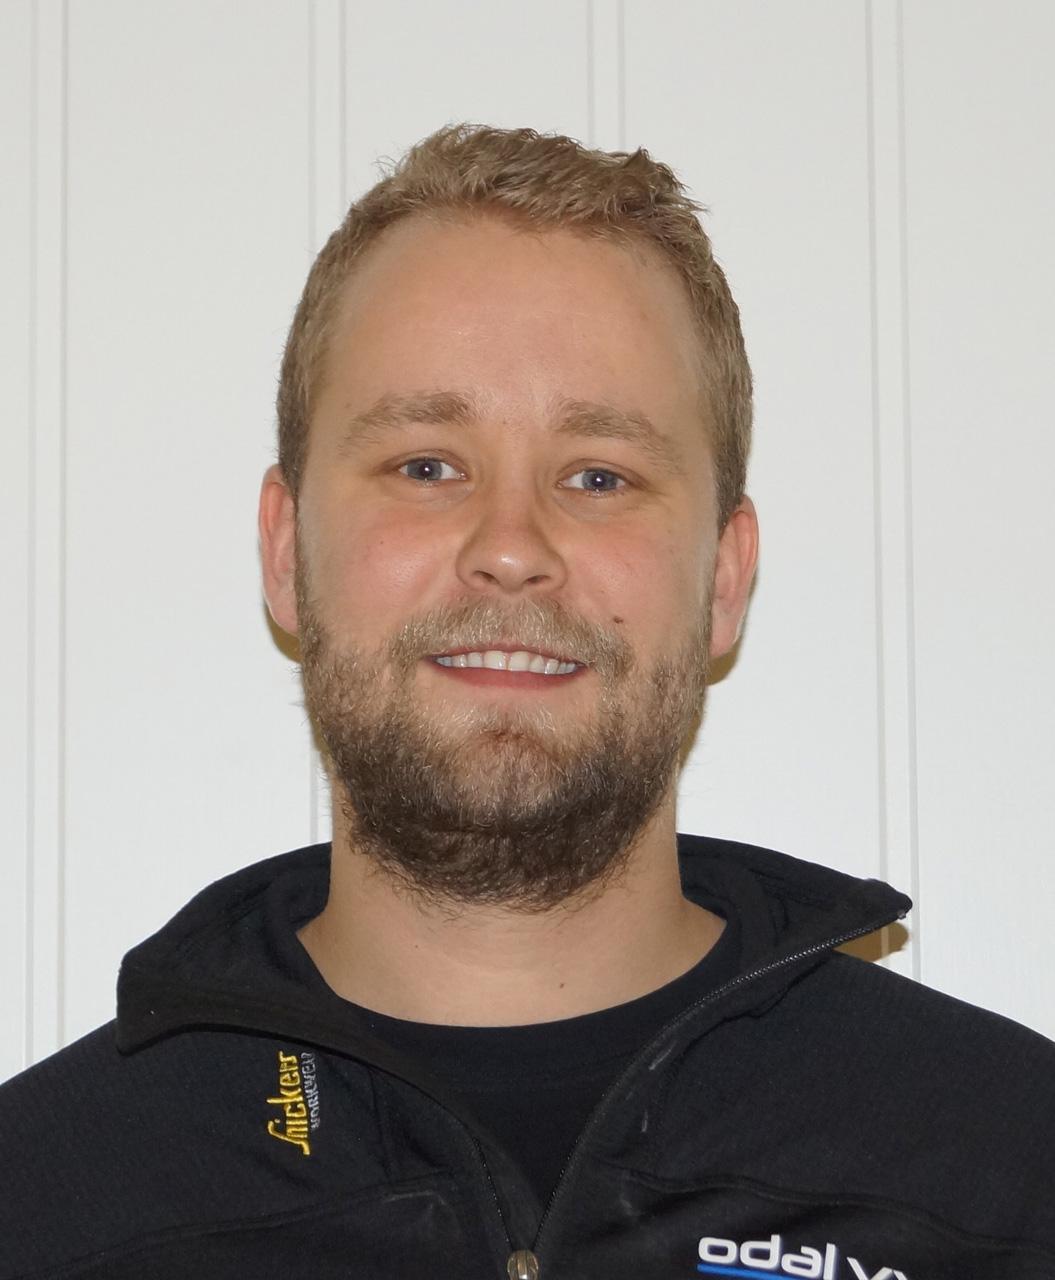 Marius Bjørgan